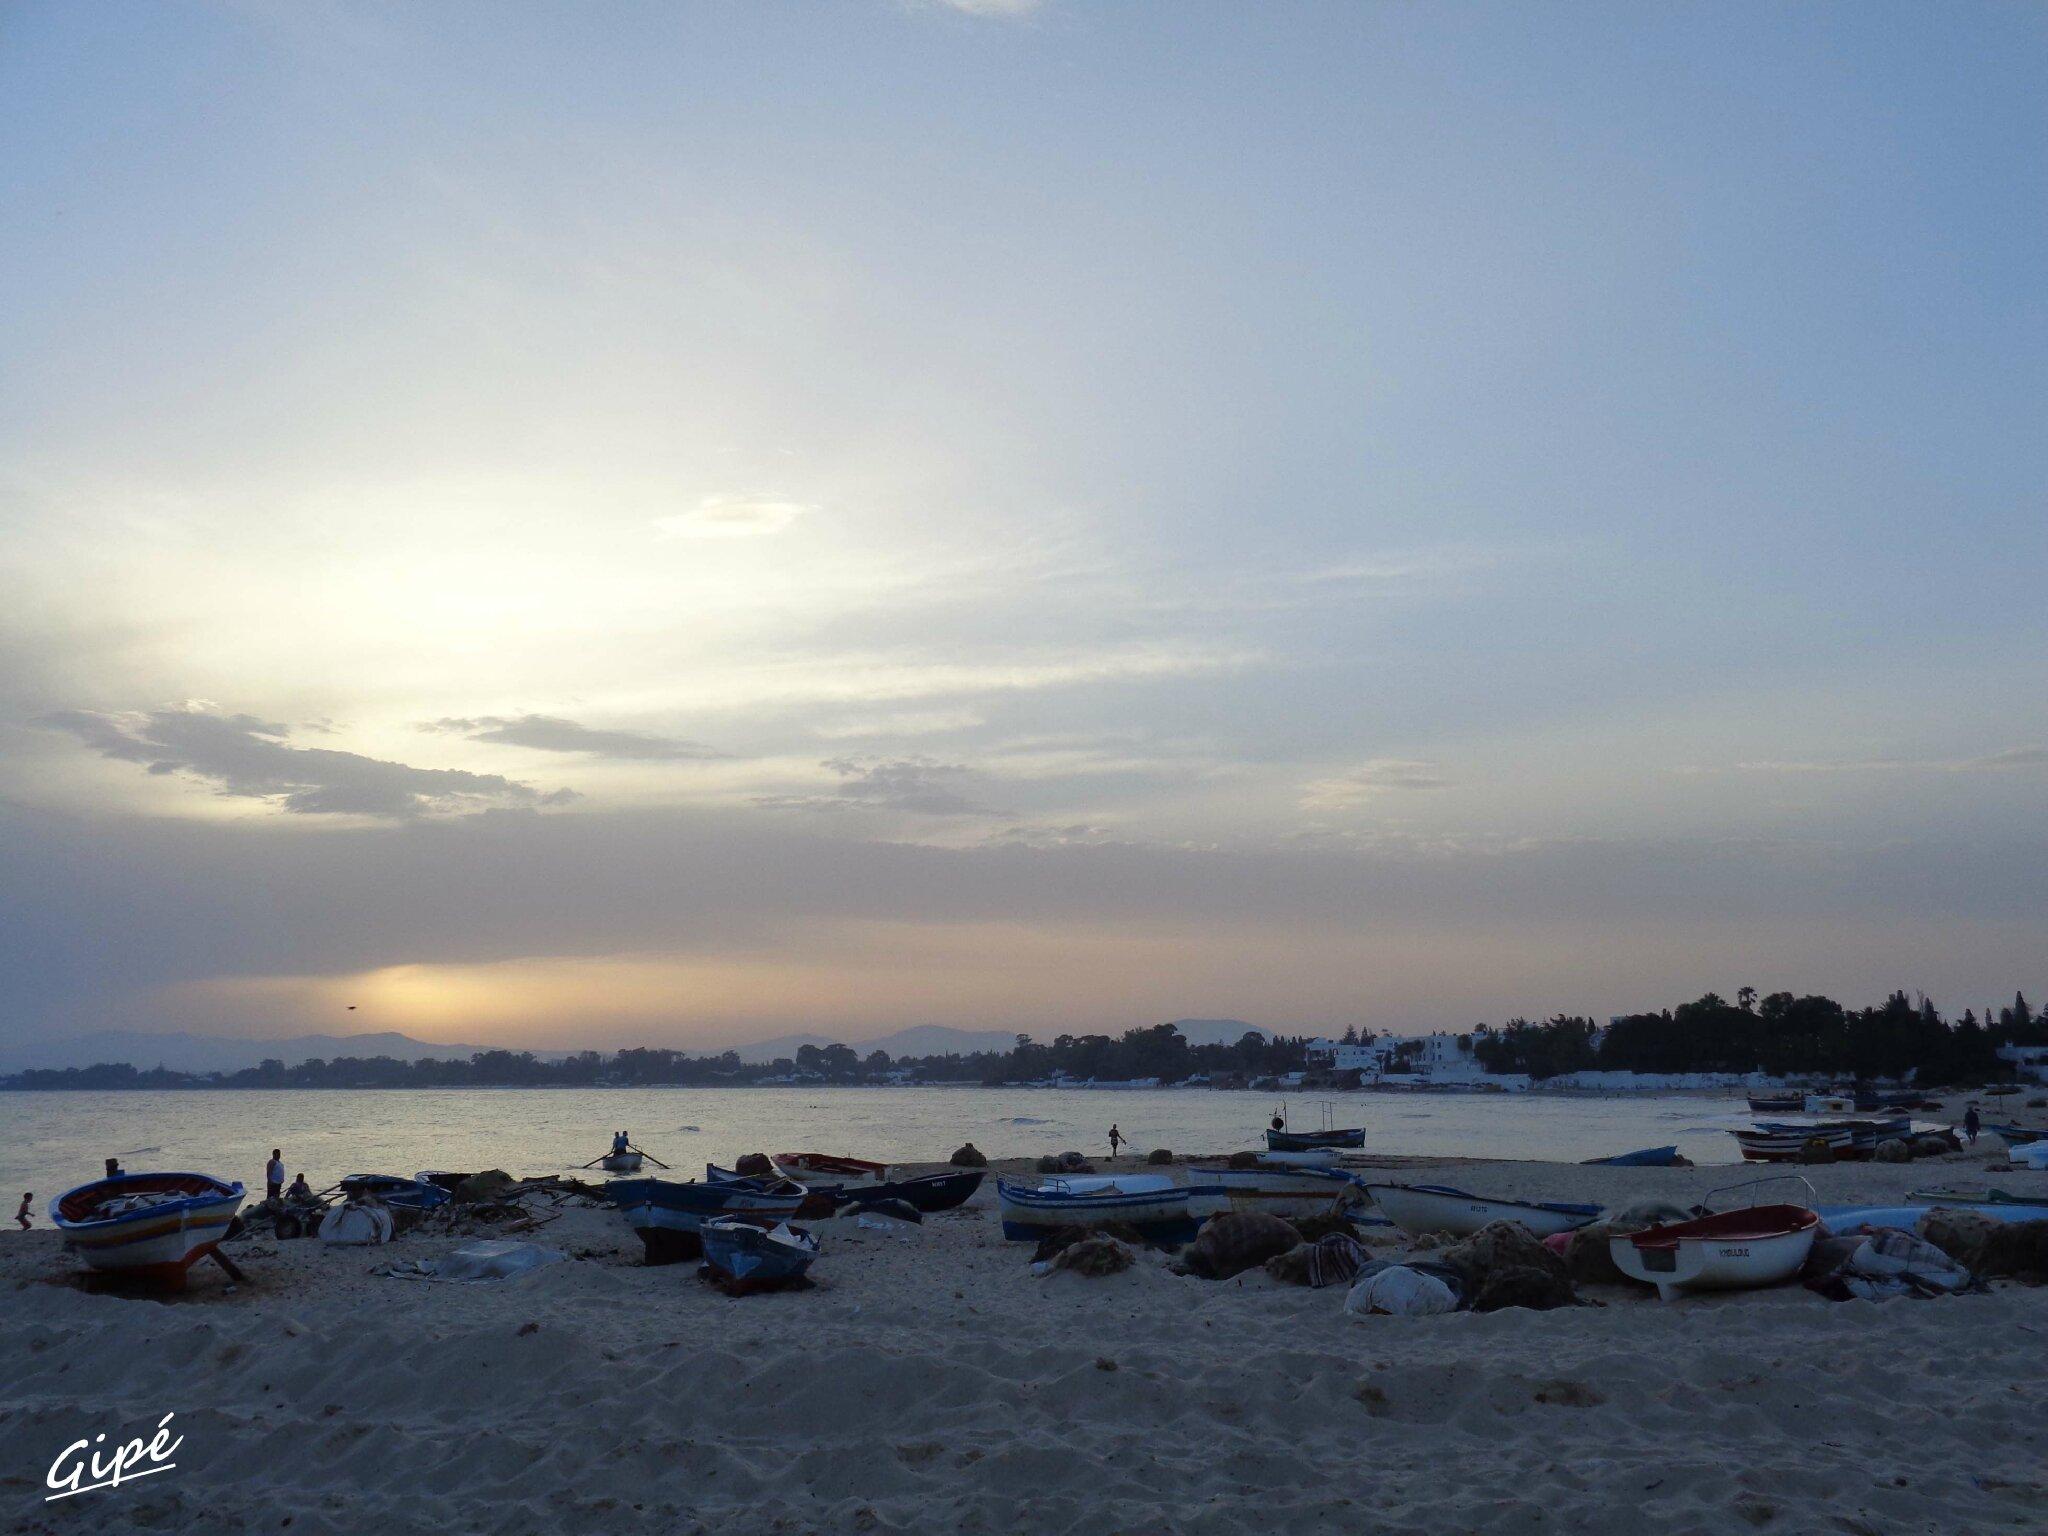 Le coucher de soleil du mercredi 2 juillet 2014